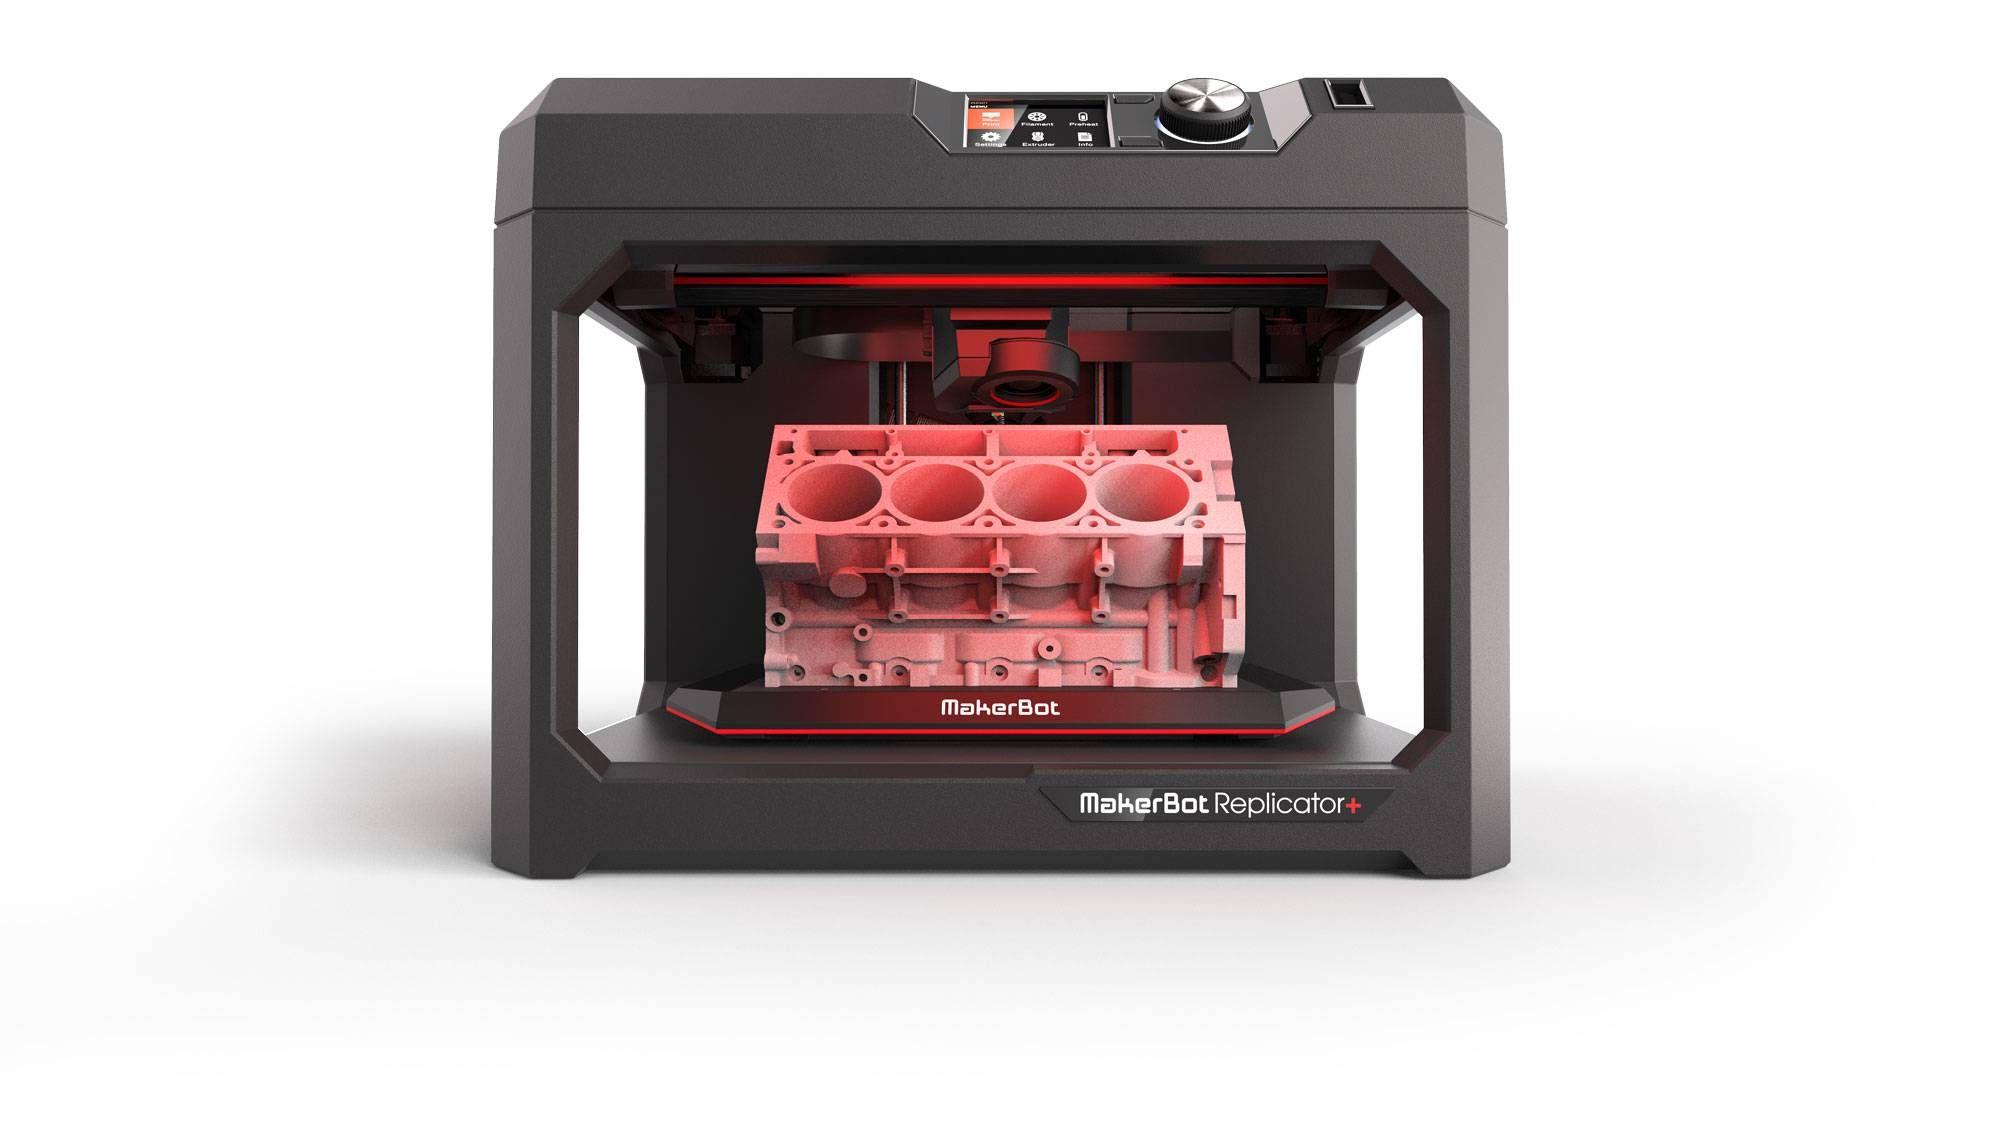 3D Drucker MakerBot MP07825EU MakerBot Replicator+